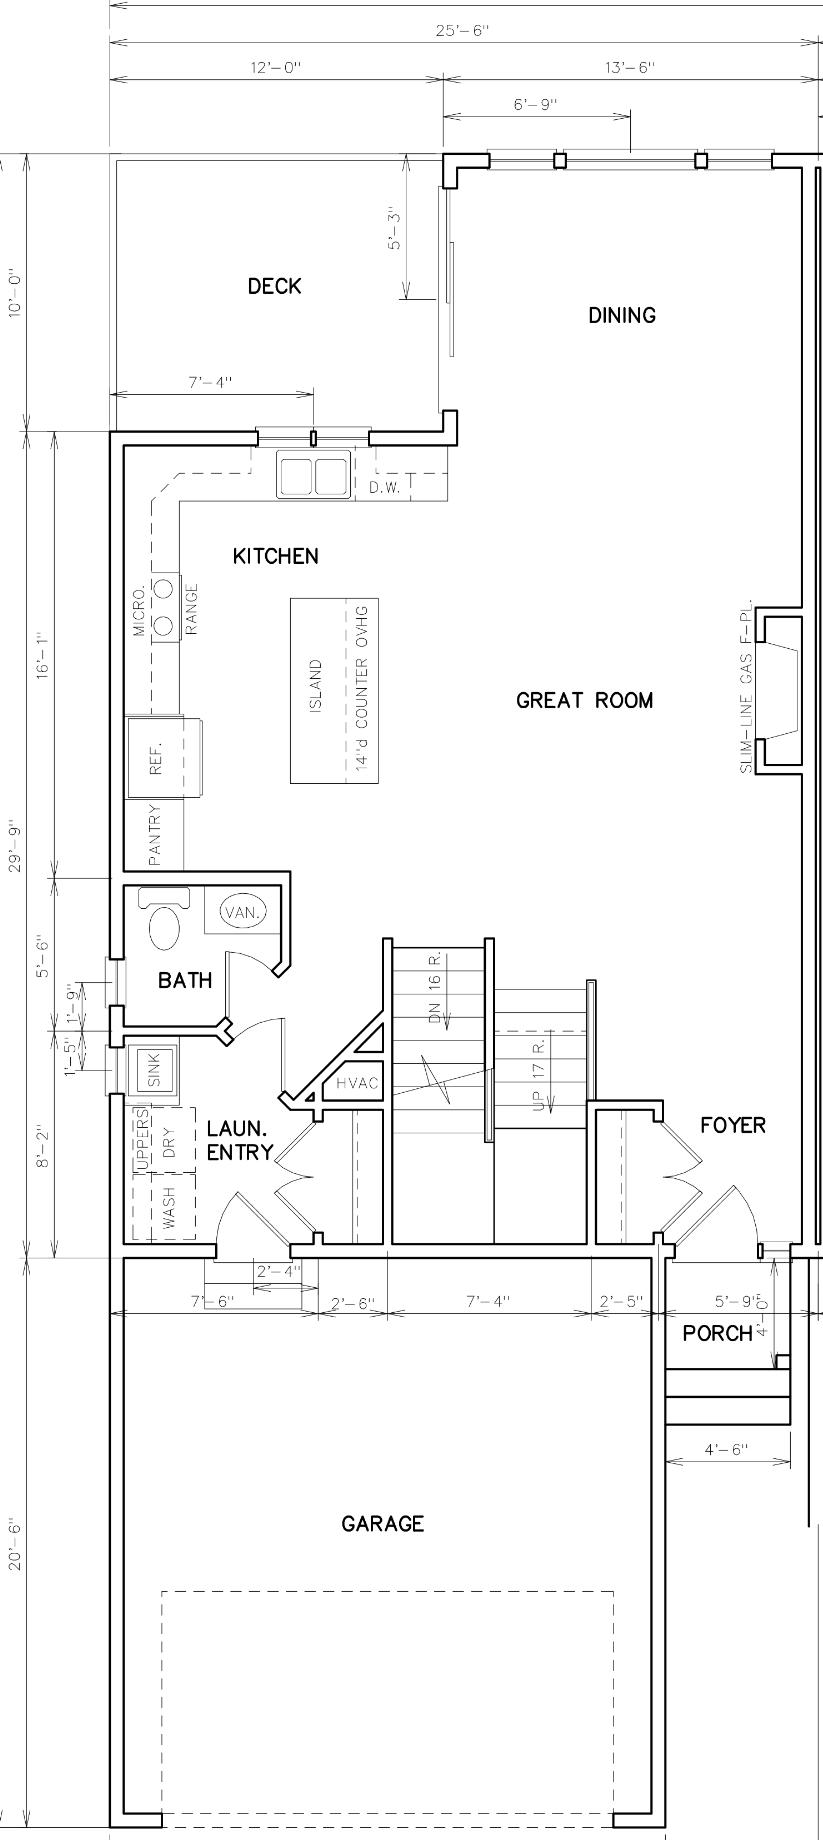 4230-main-floor